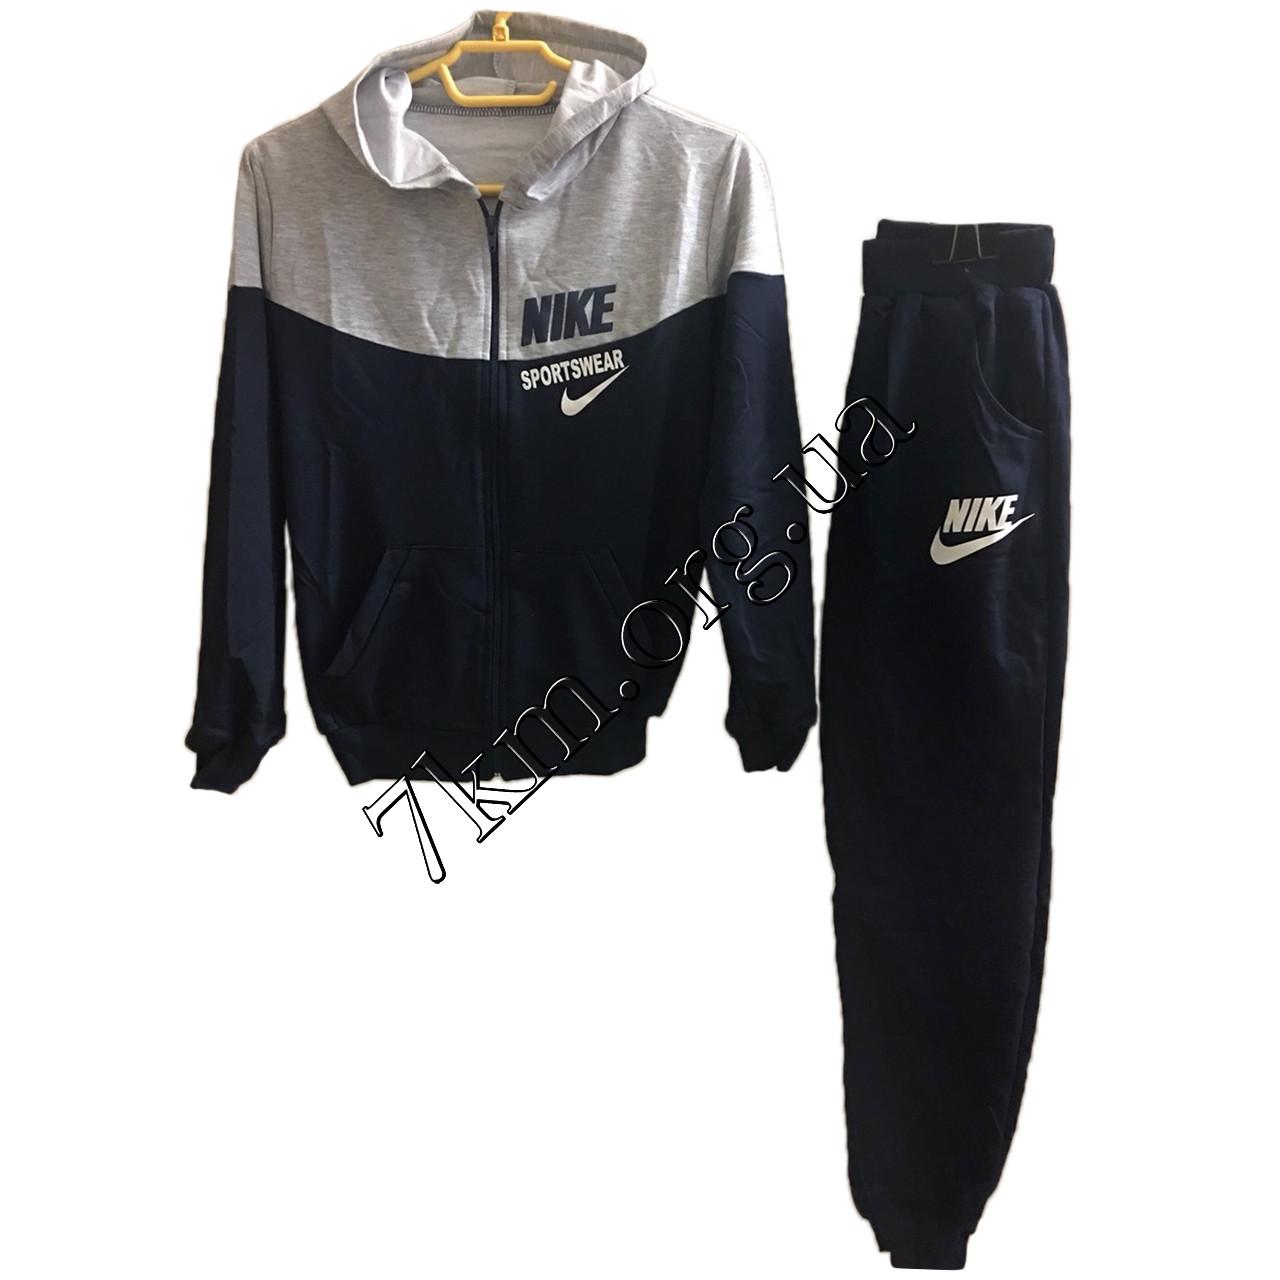 85f0f198 Спортивный костюм детский реплика